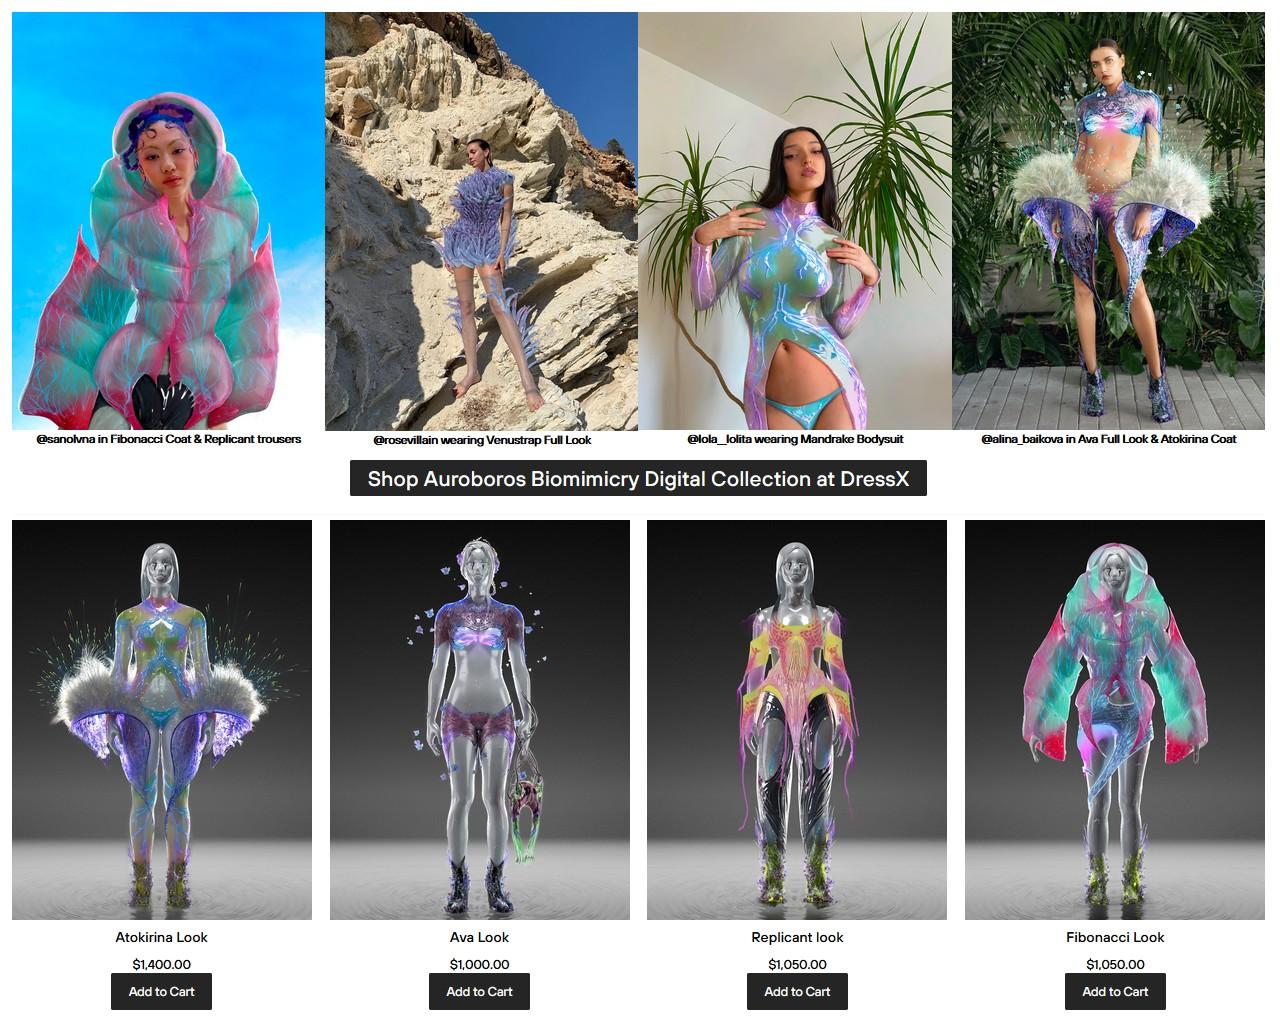 Основанный украинками в США магазин цифровой одежды DressX привлек $2 млн  инвестиций [видео] - ITC.ua